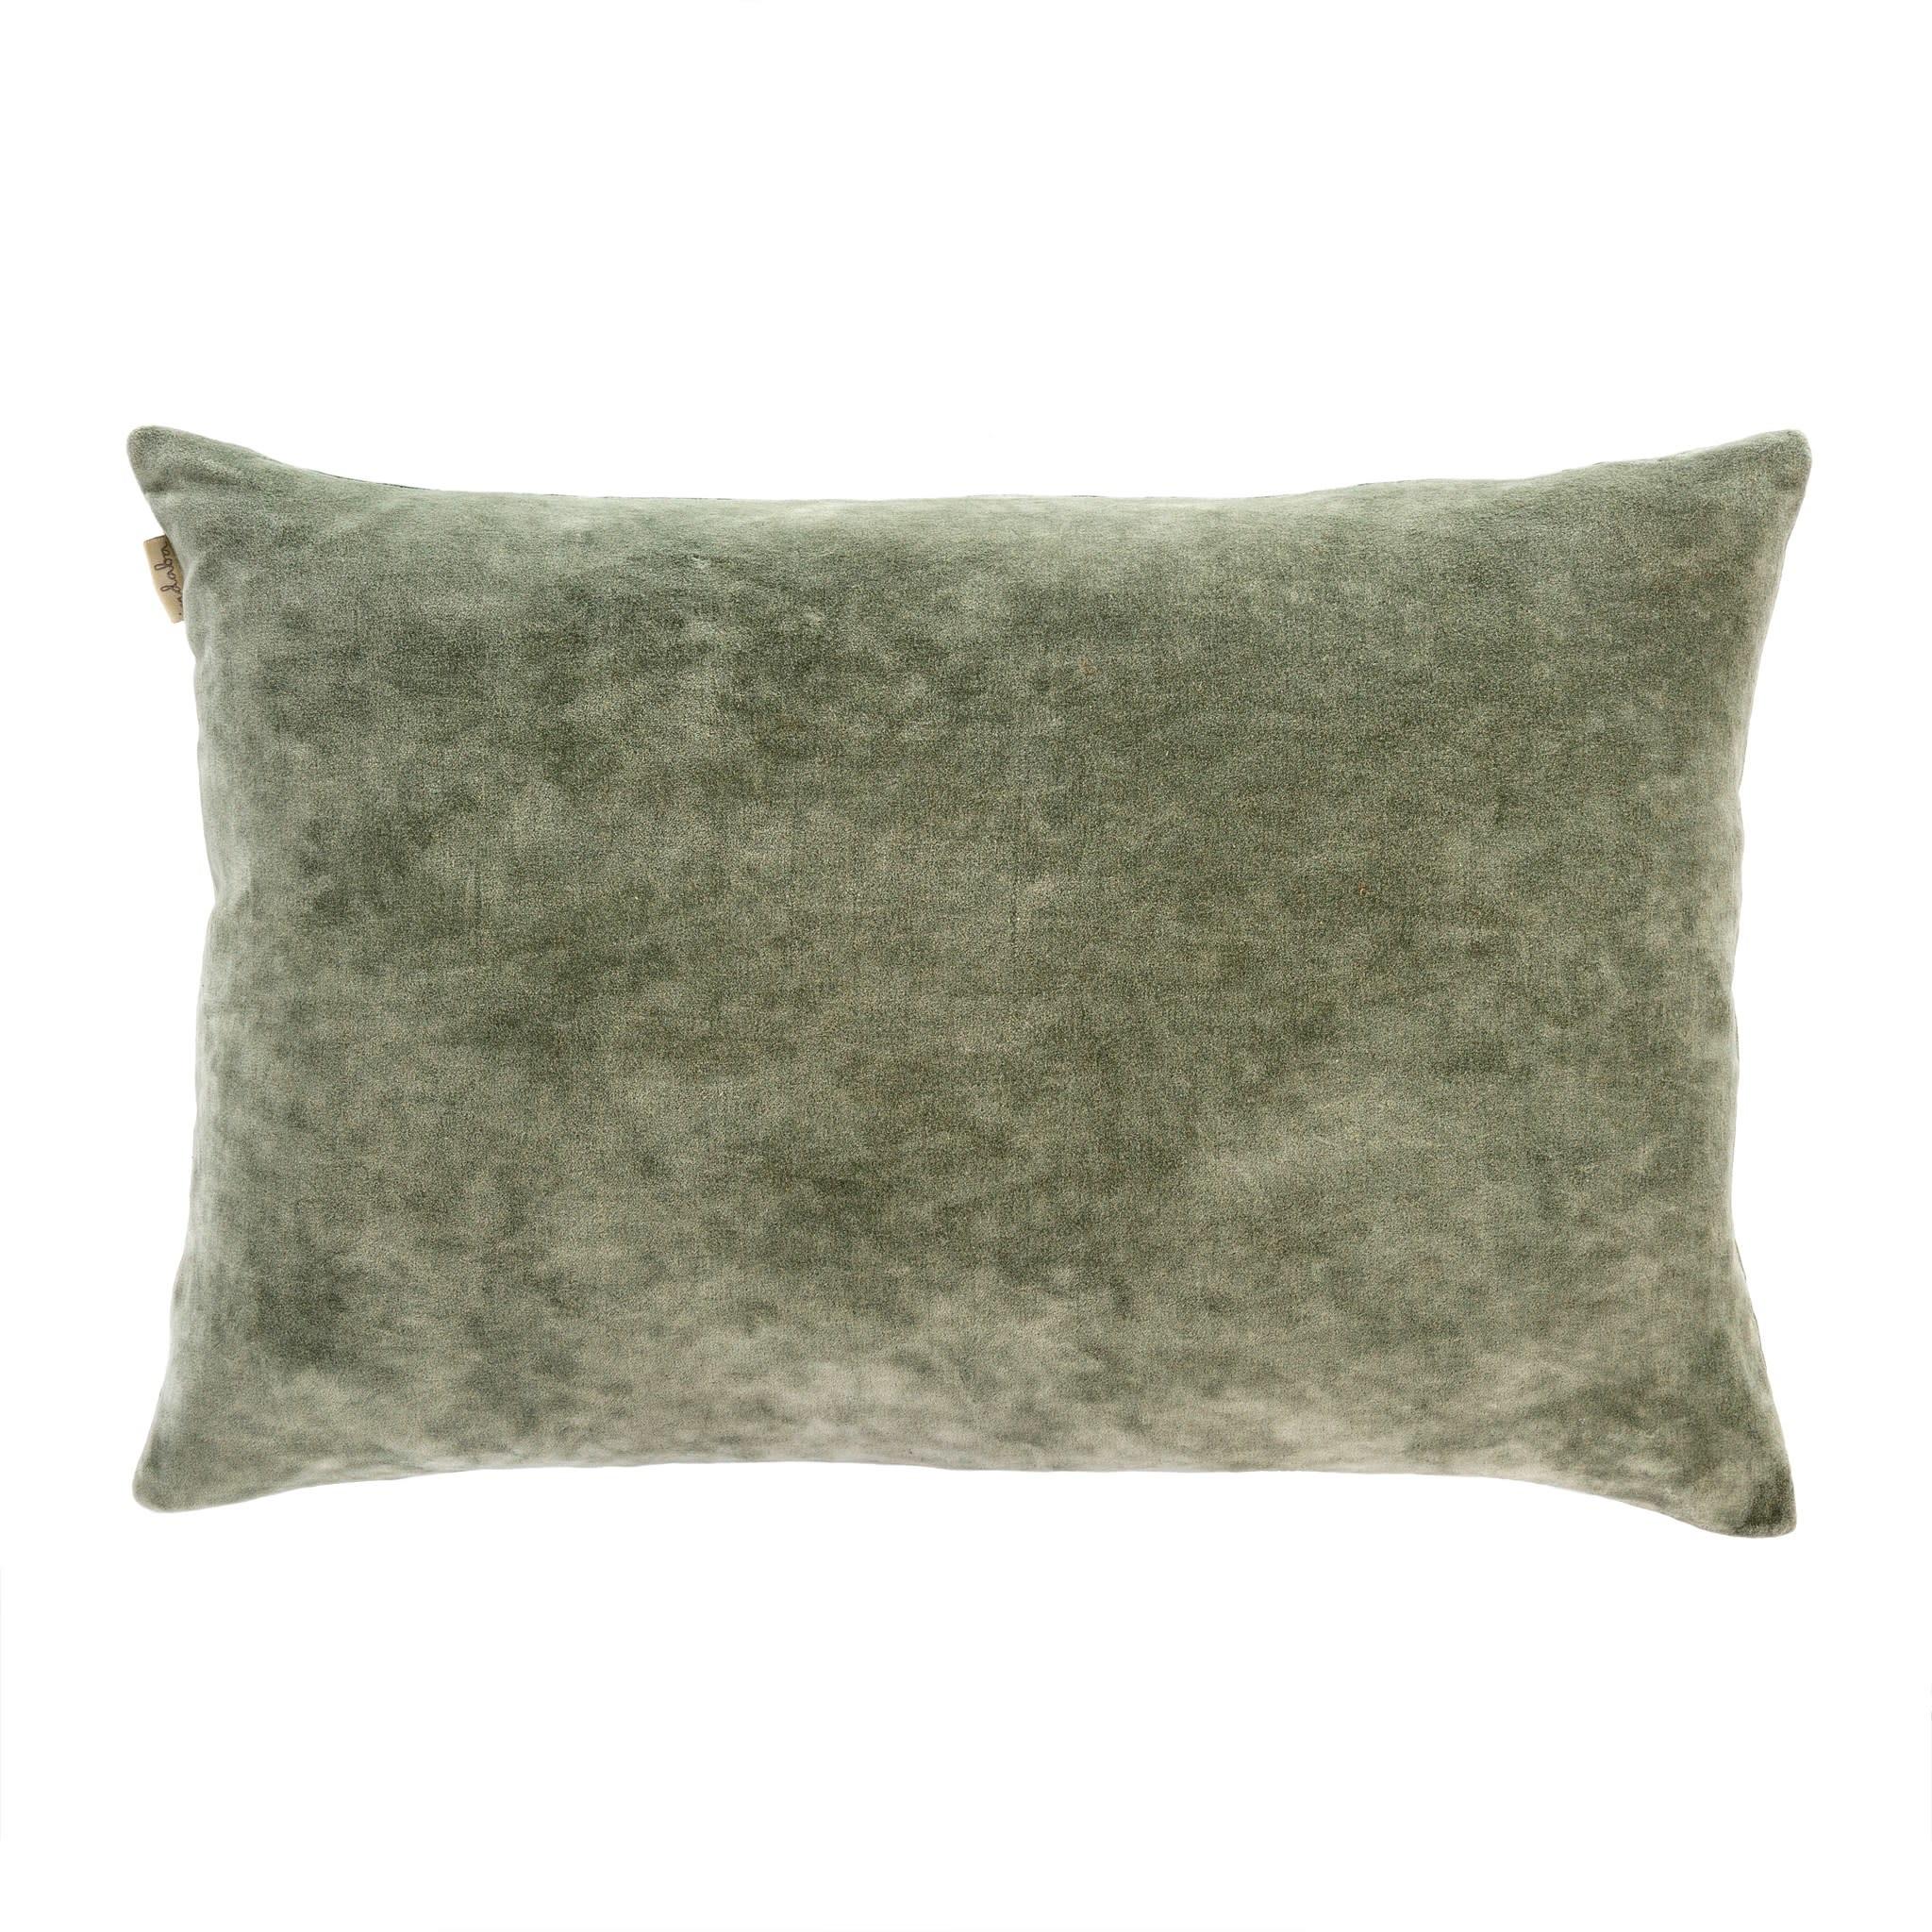 Vera Velvet Pillow - Green Tea 16x24